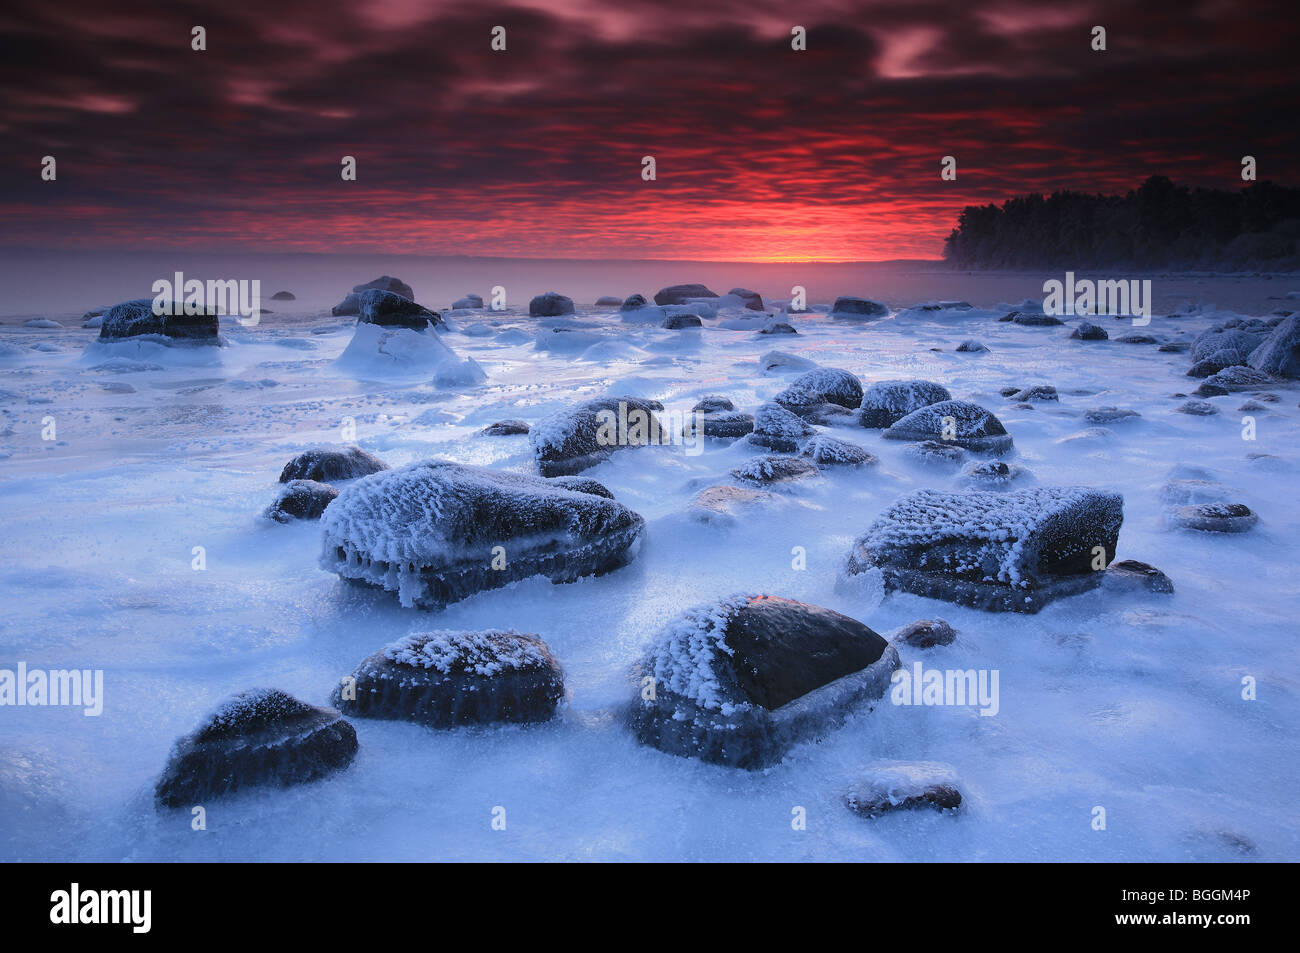 Invierno temprano por la mañana por el Fiordo de Oslo, en Larkollen en Rygge, Østfold fylke, Noruega. Imagen De Stock